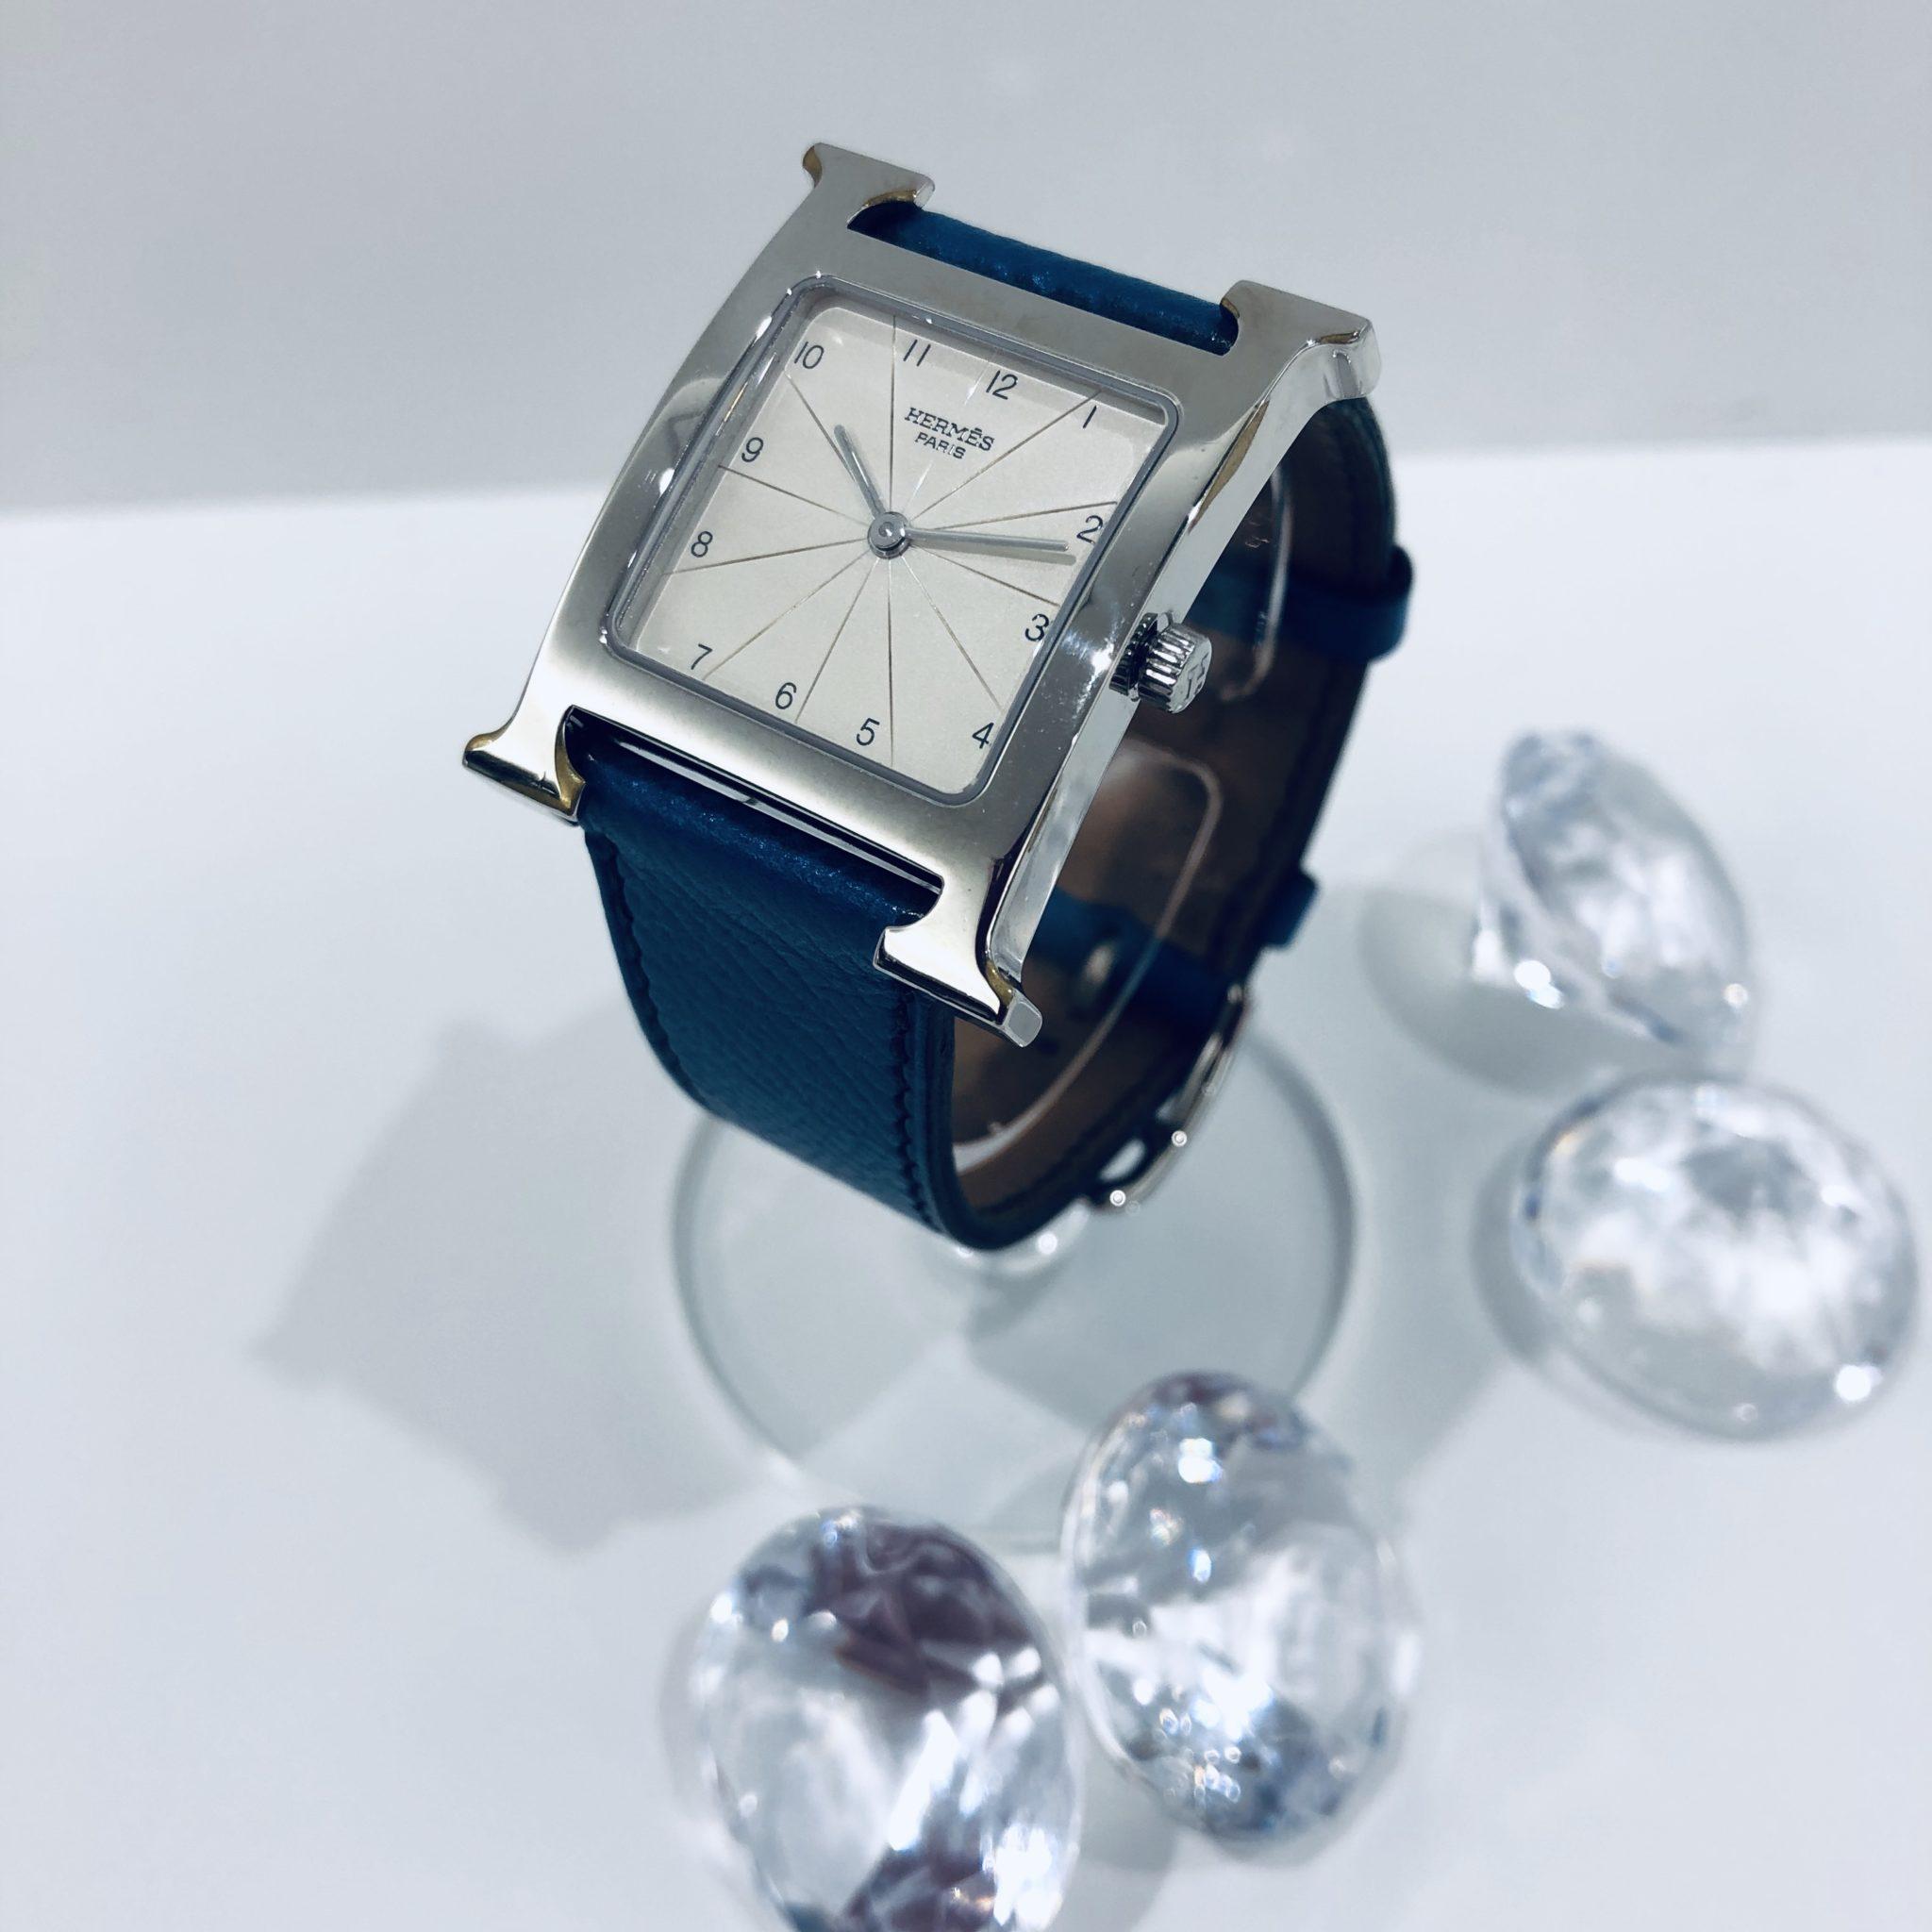 【盛岡 エルメス 販売】HERMES Hウォッチ RS1.505 時計